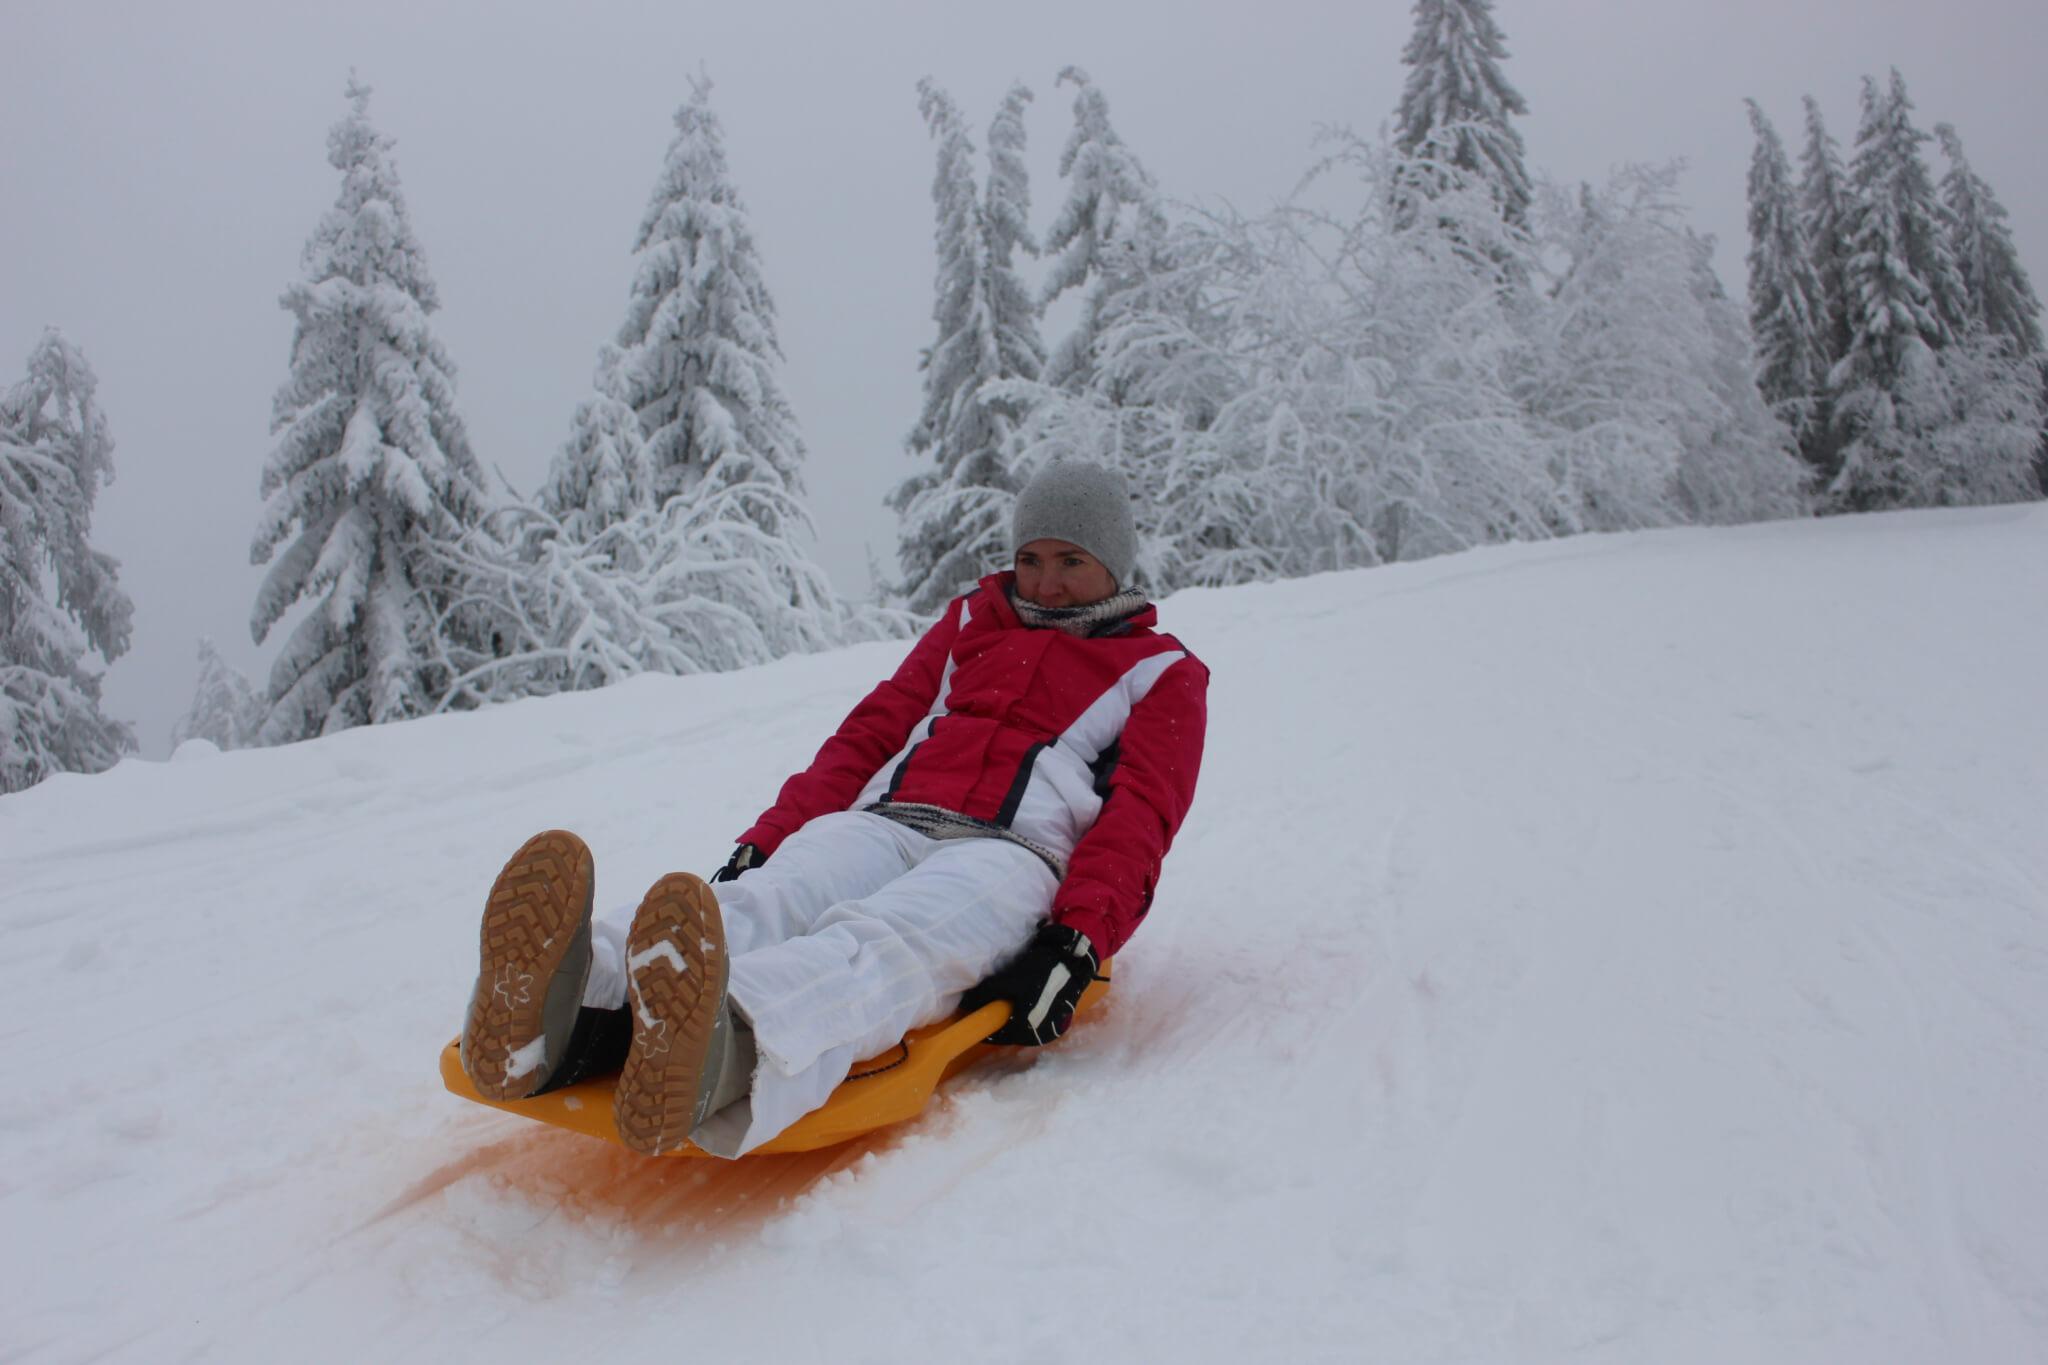 Schneeschuhlaufen und Schlitten fahren